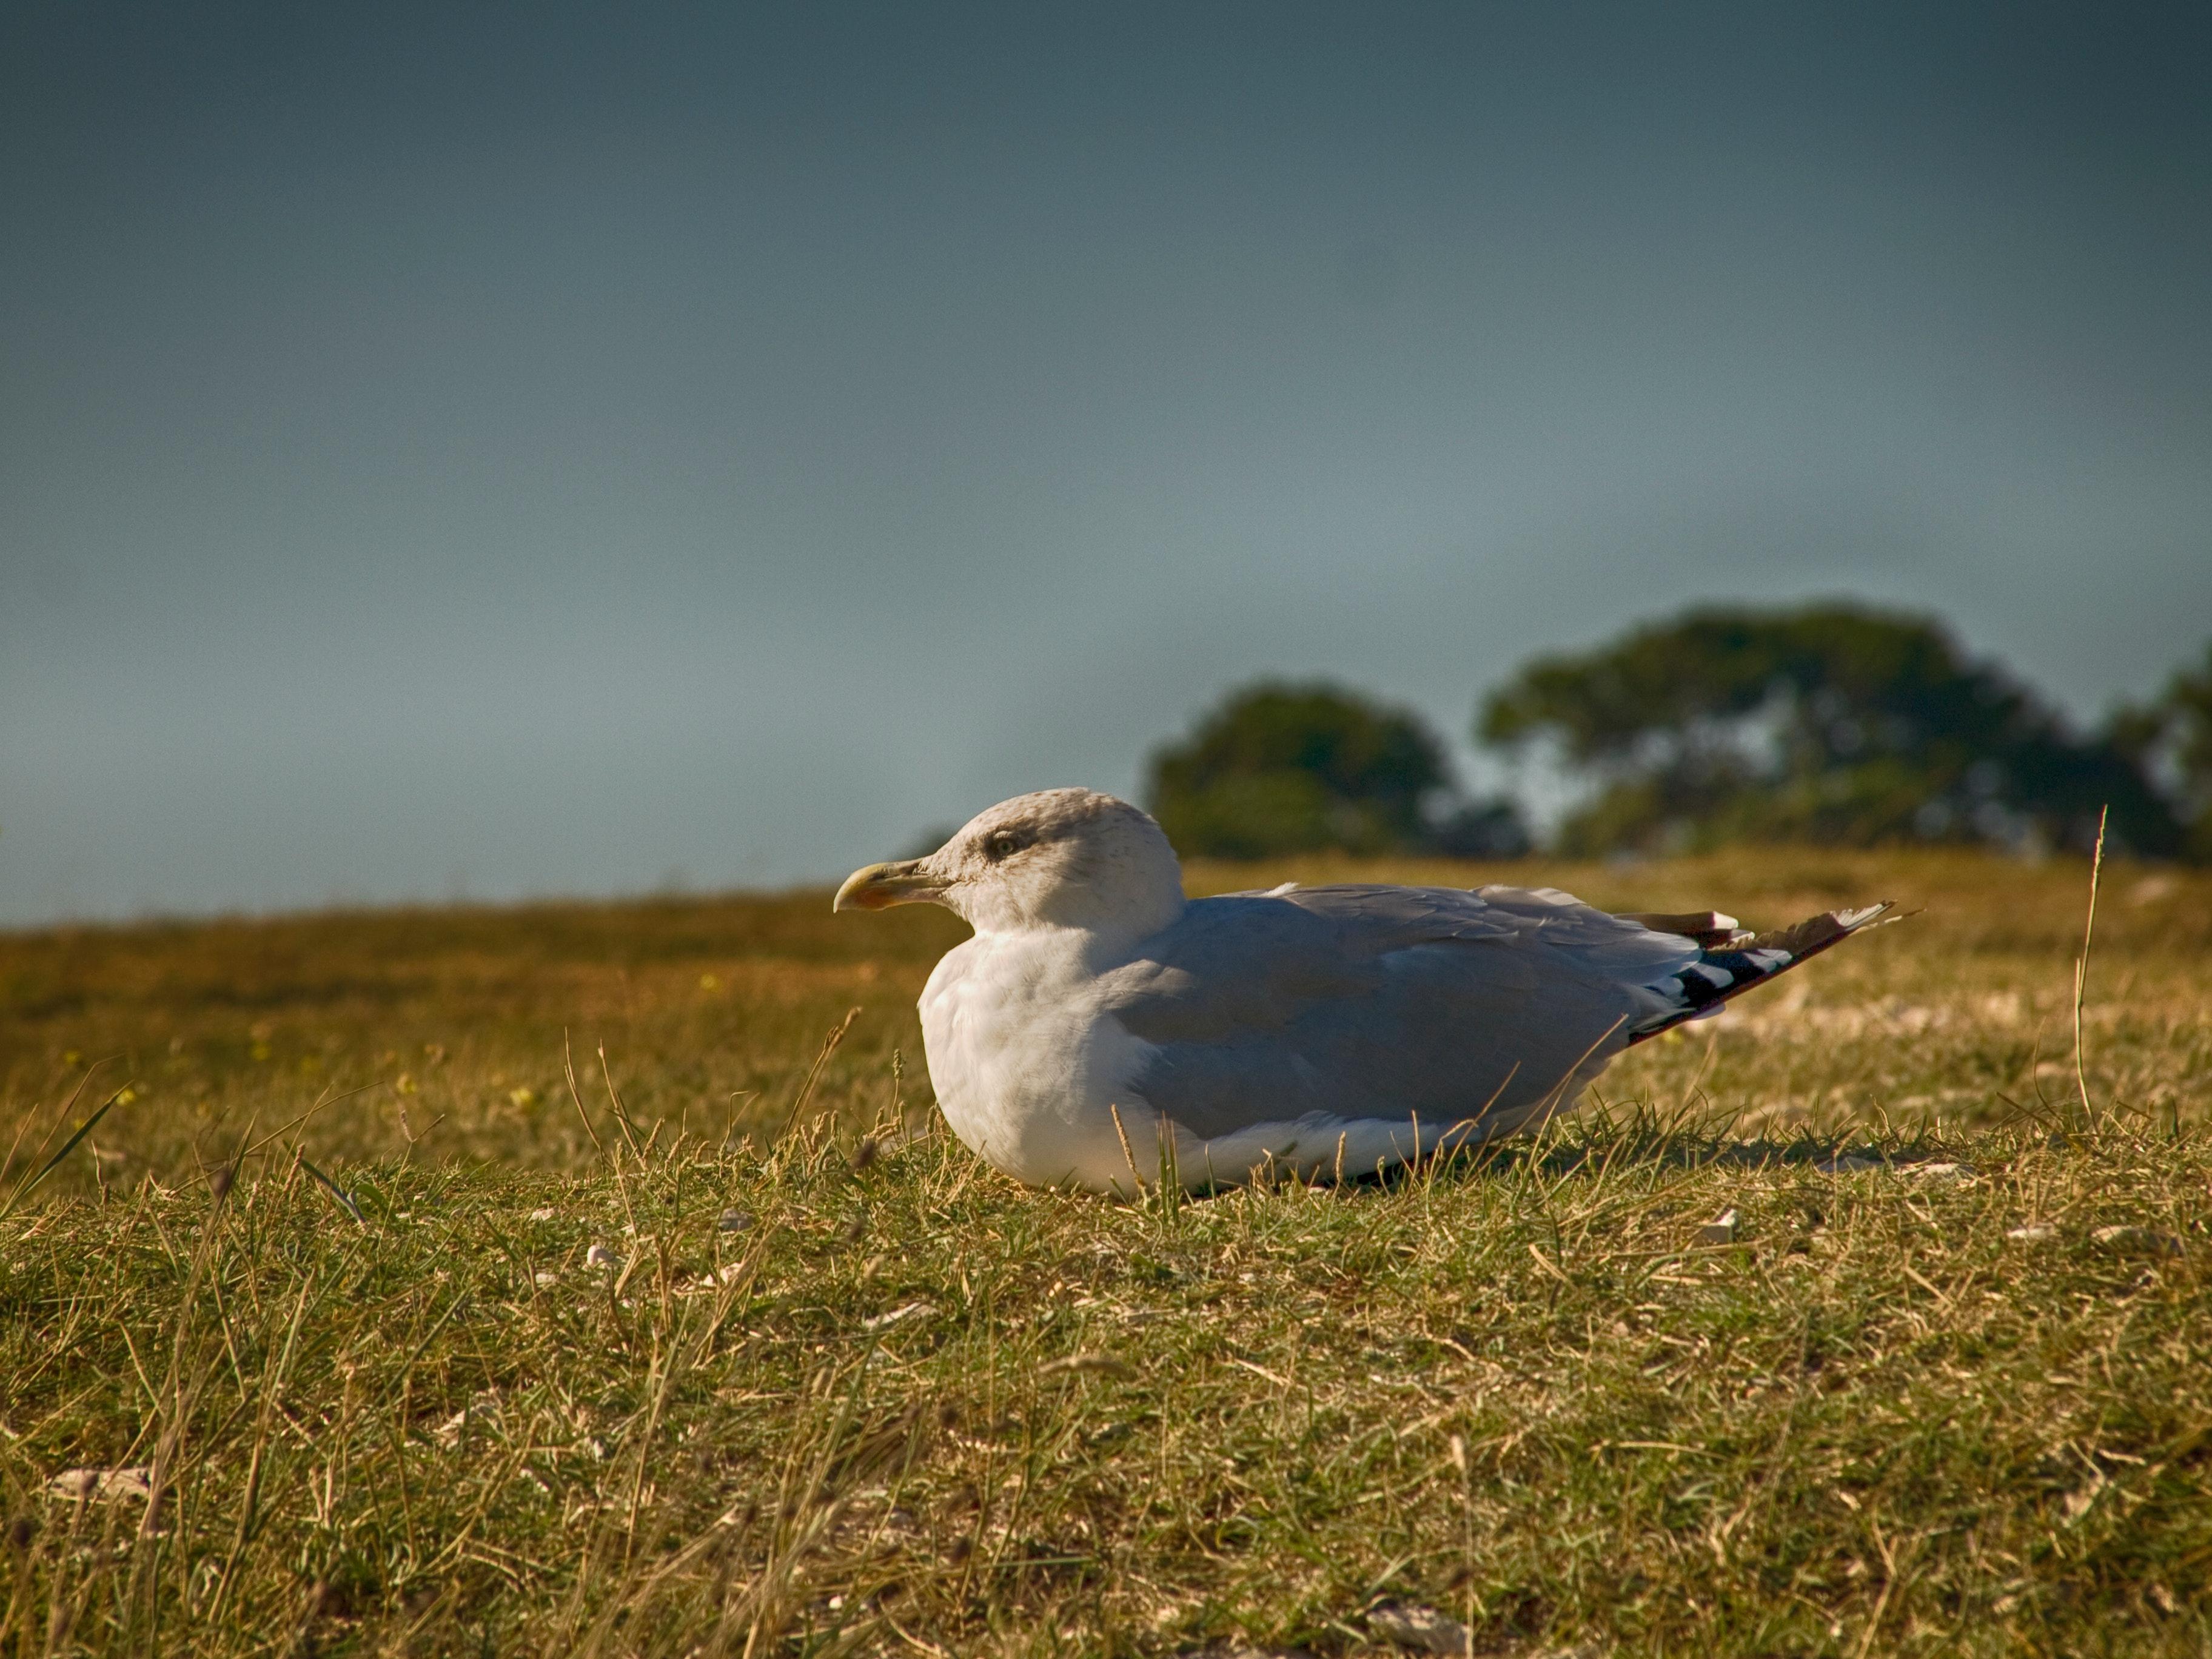 Bird sitting on grassy ground photo